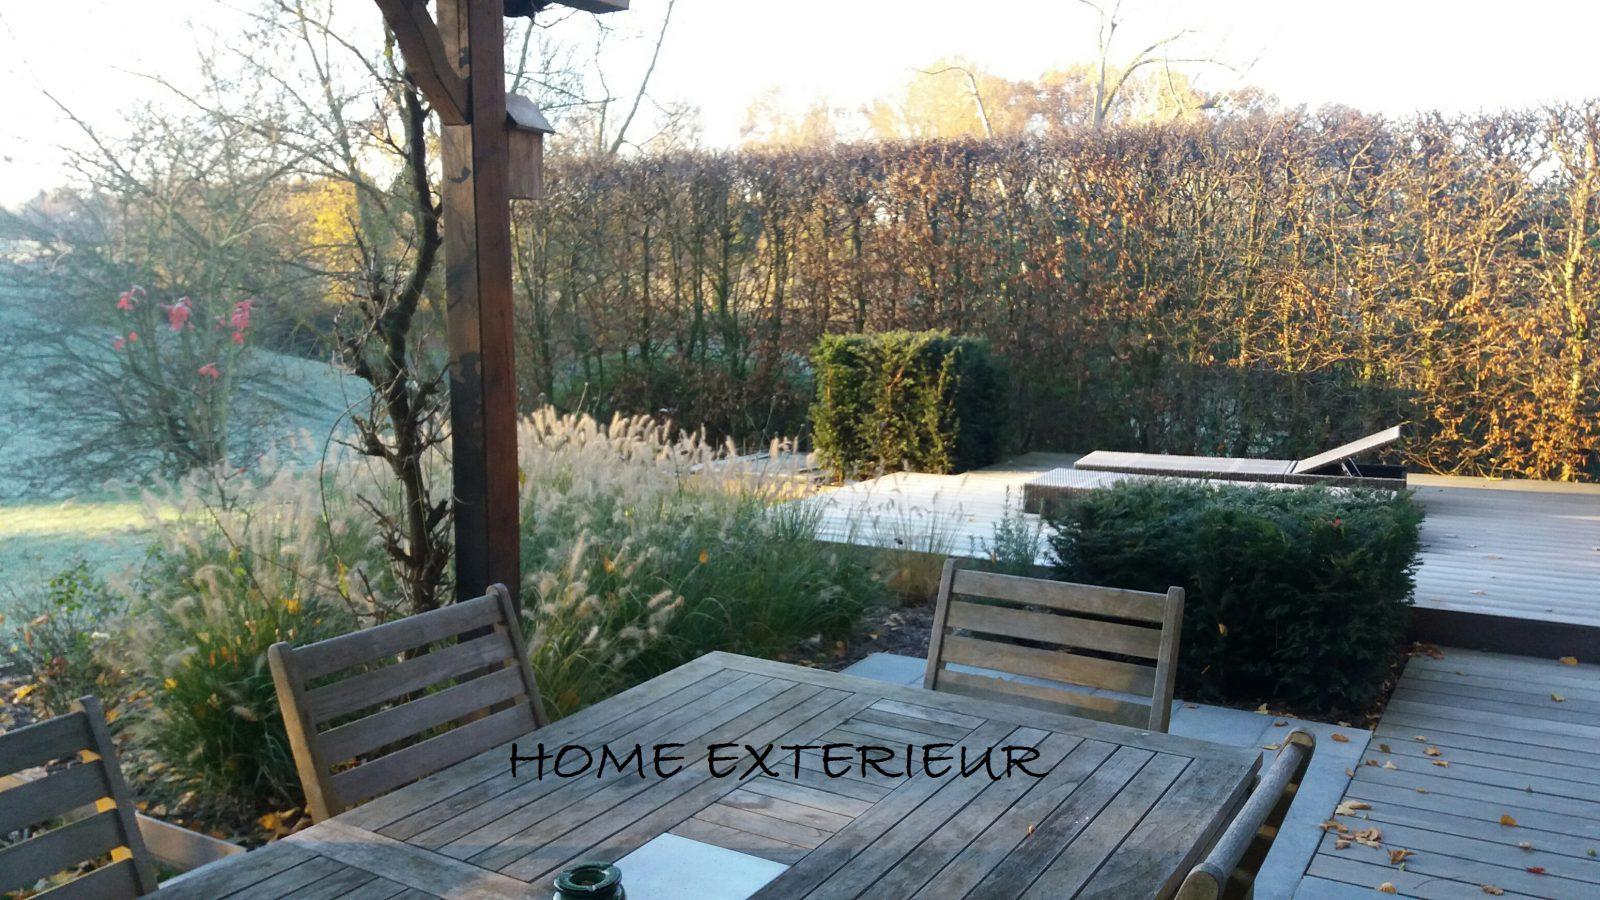 Am nagement d 39 une terrasse suspendue en bois exotique for Amenagement exterieur belgique